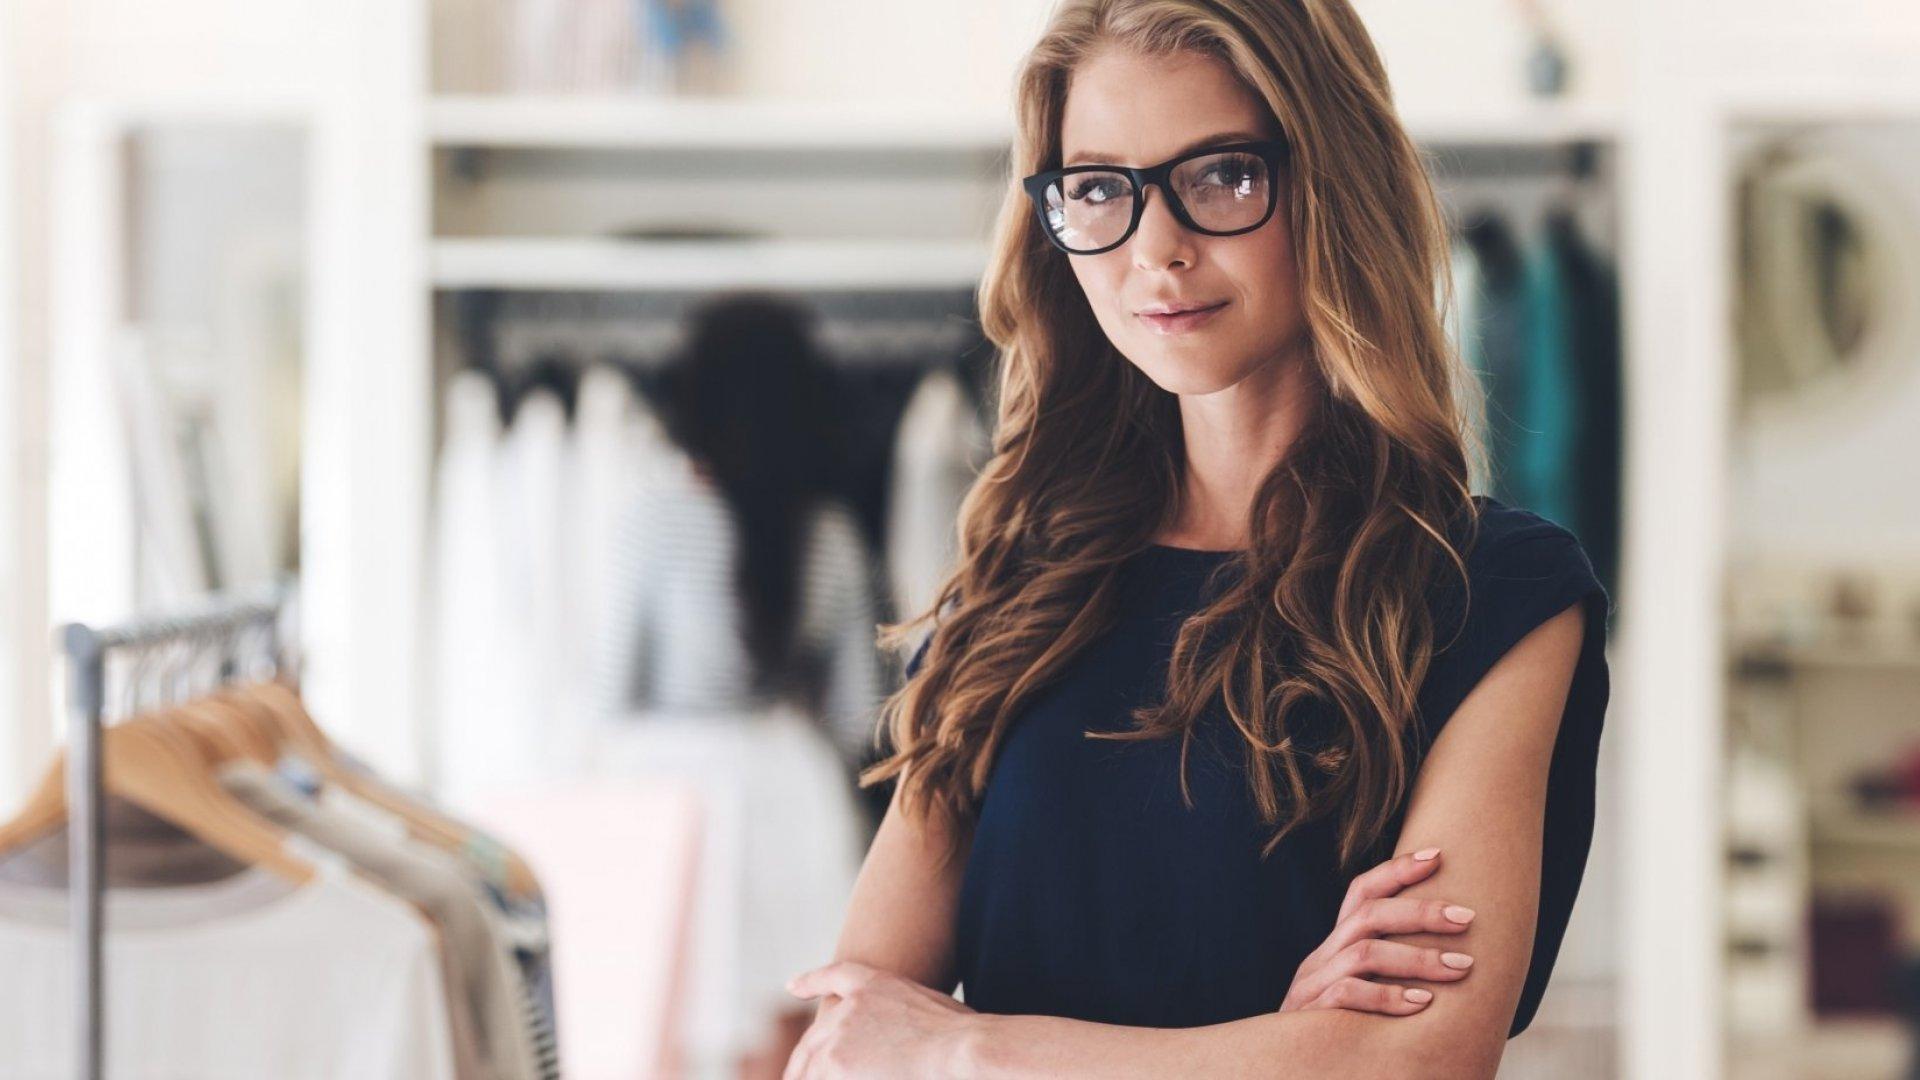 10 Great Tips toEmpowerFemale Entrepreneurs